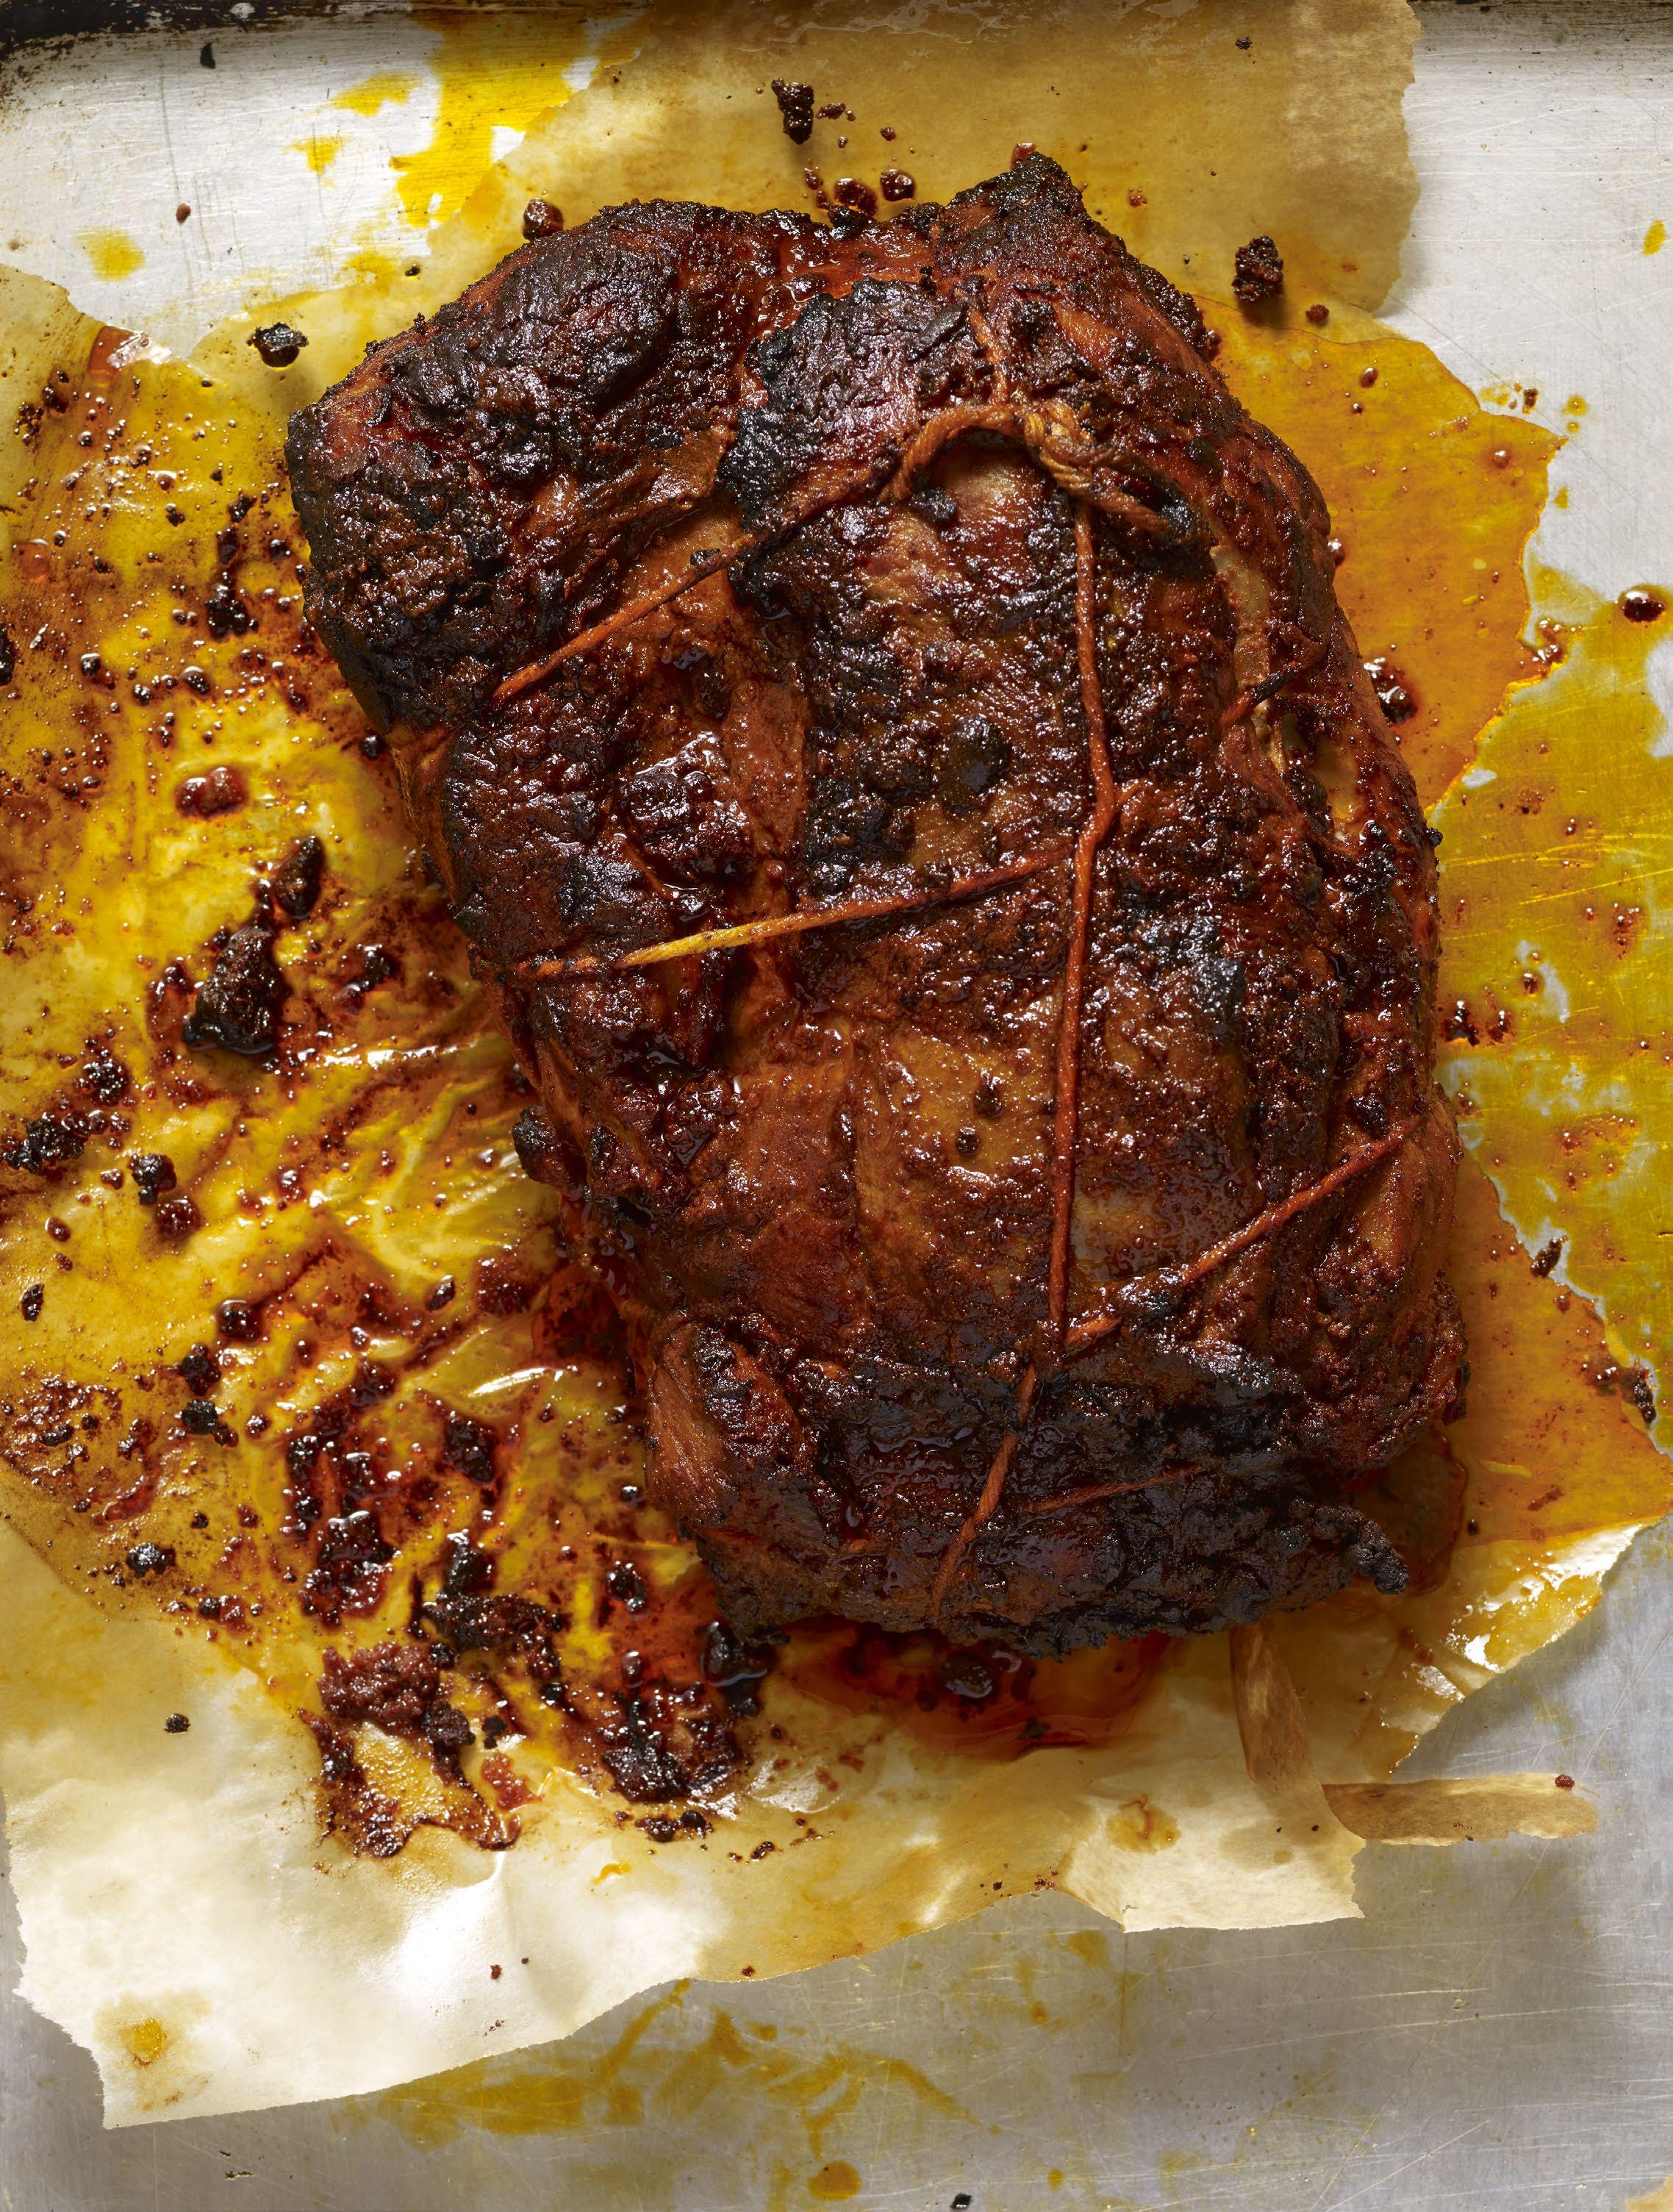 La Vara's Paprika-Marinated Pork Loin Roast